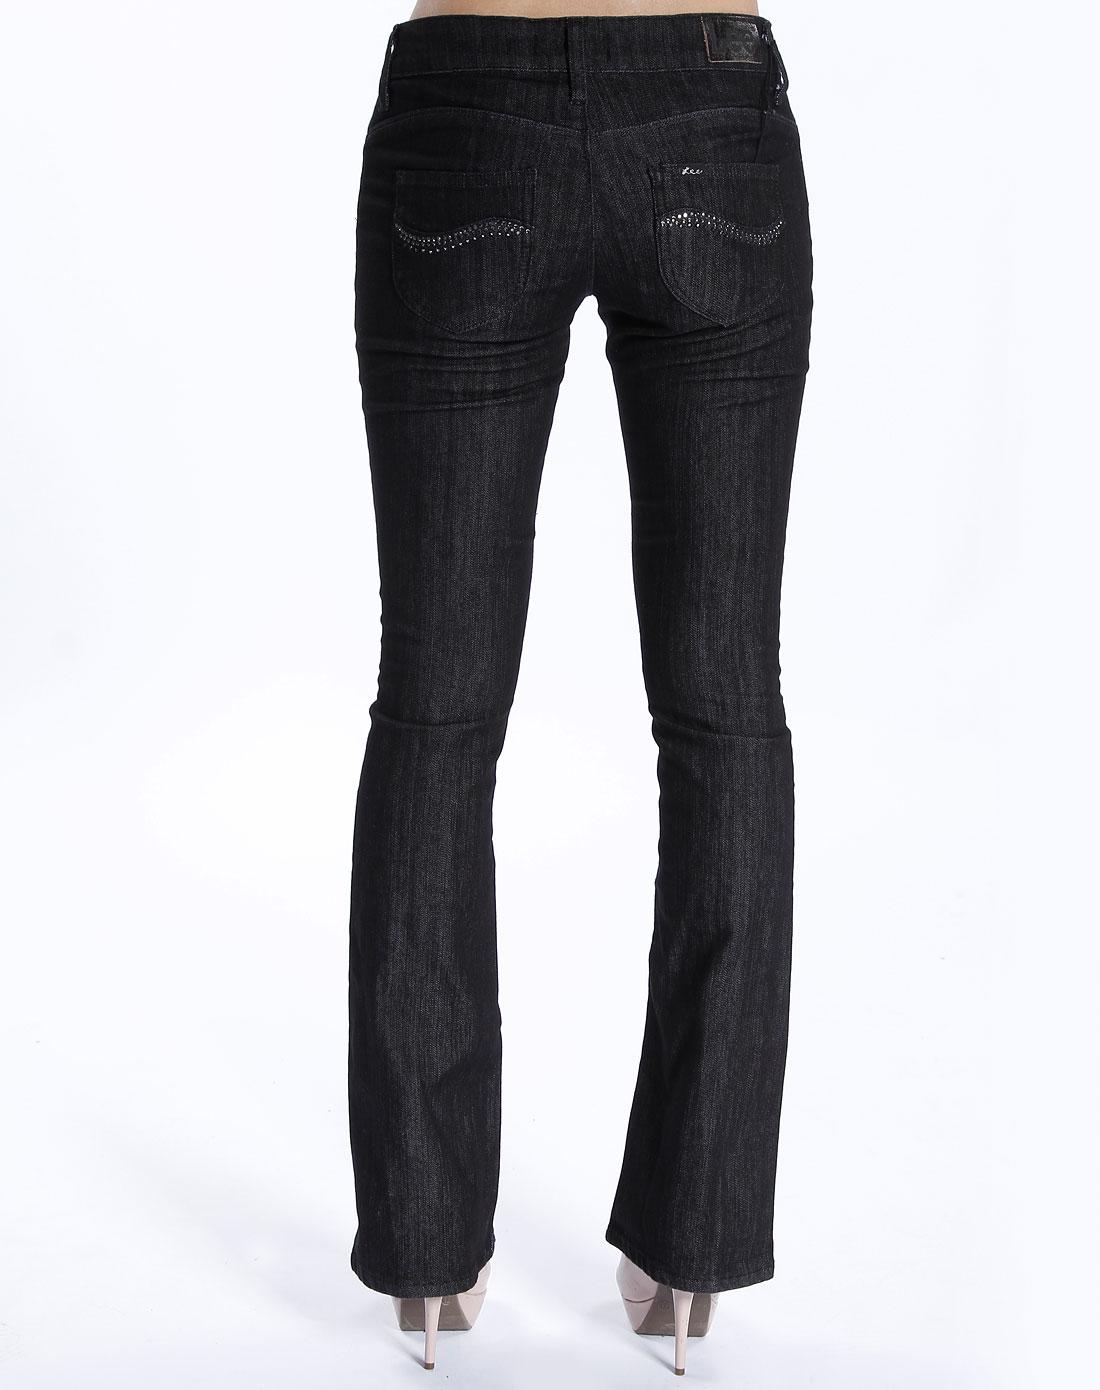 女款黑色紧身牛仔长裤